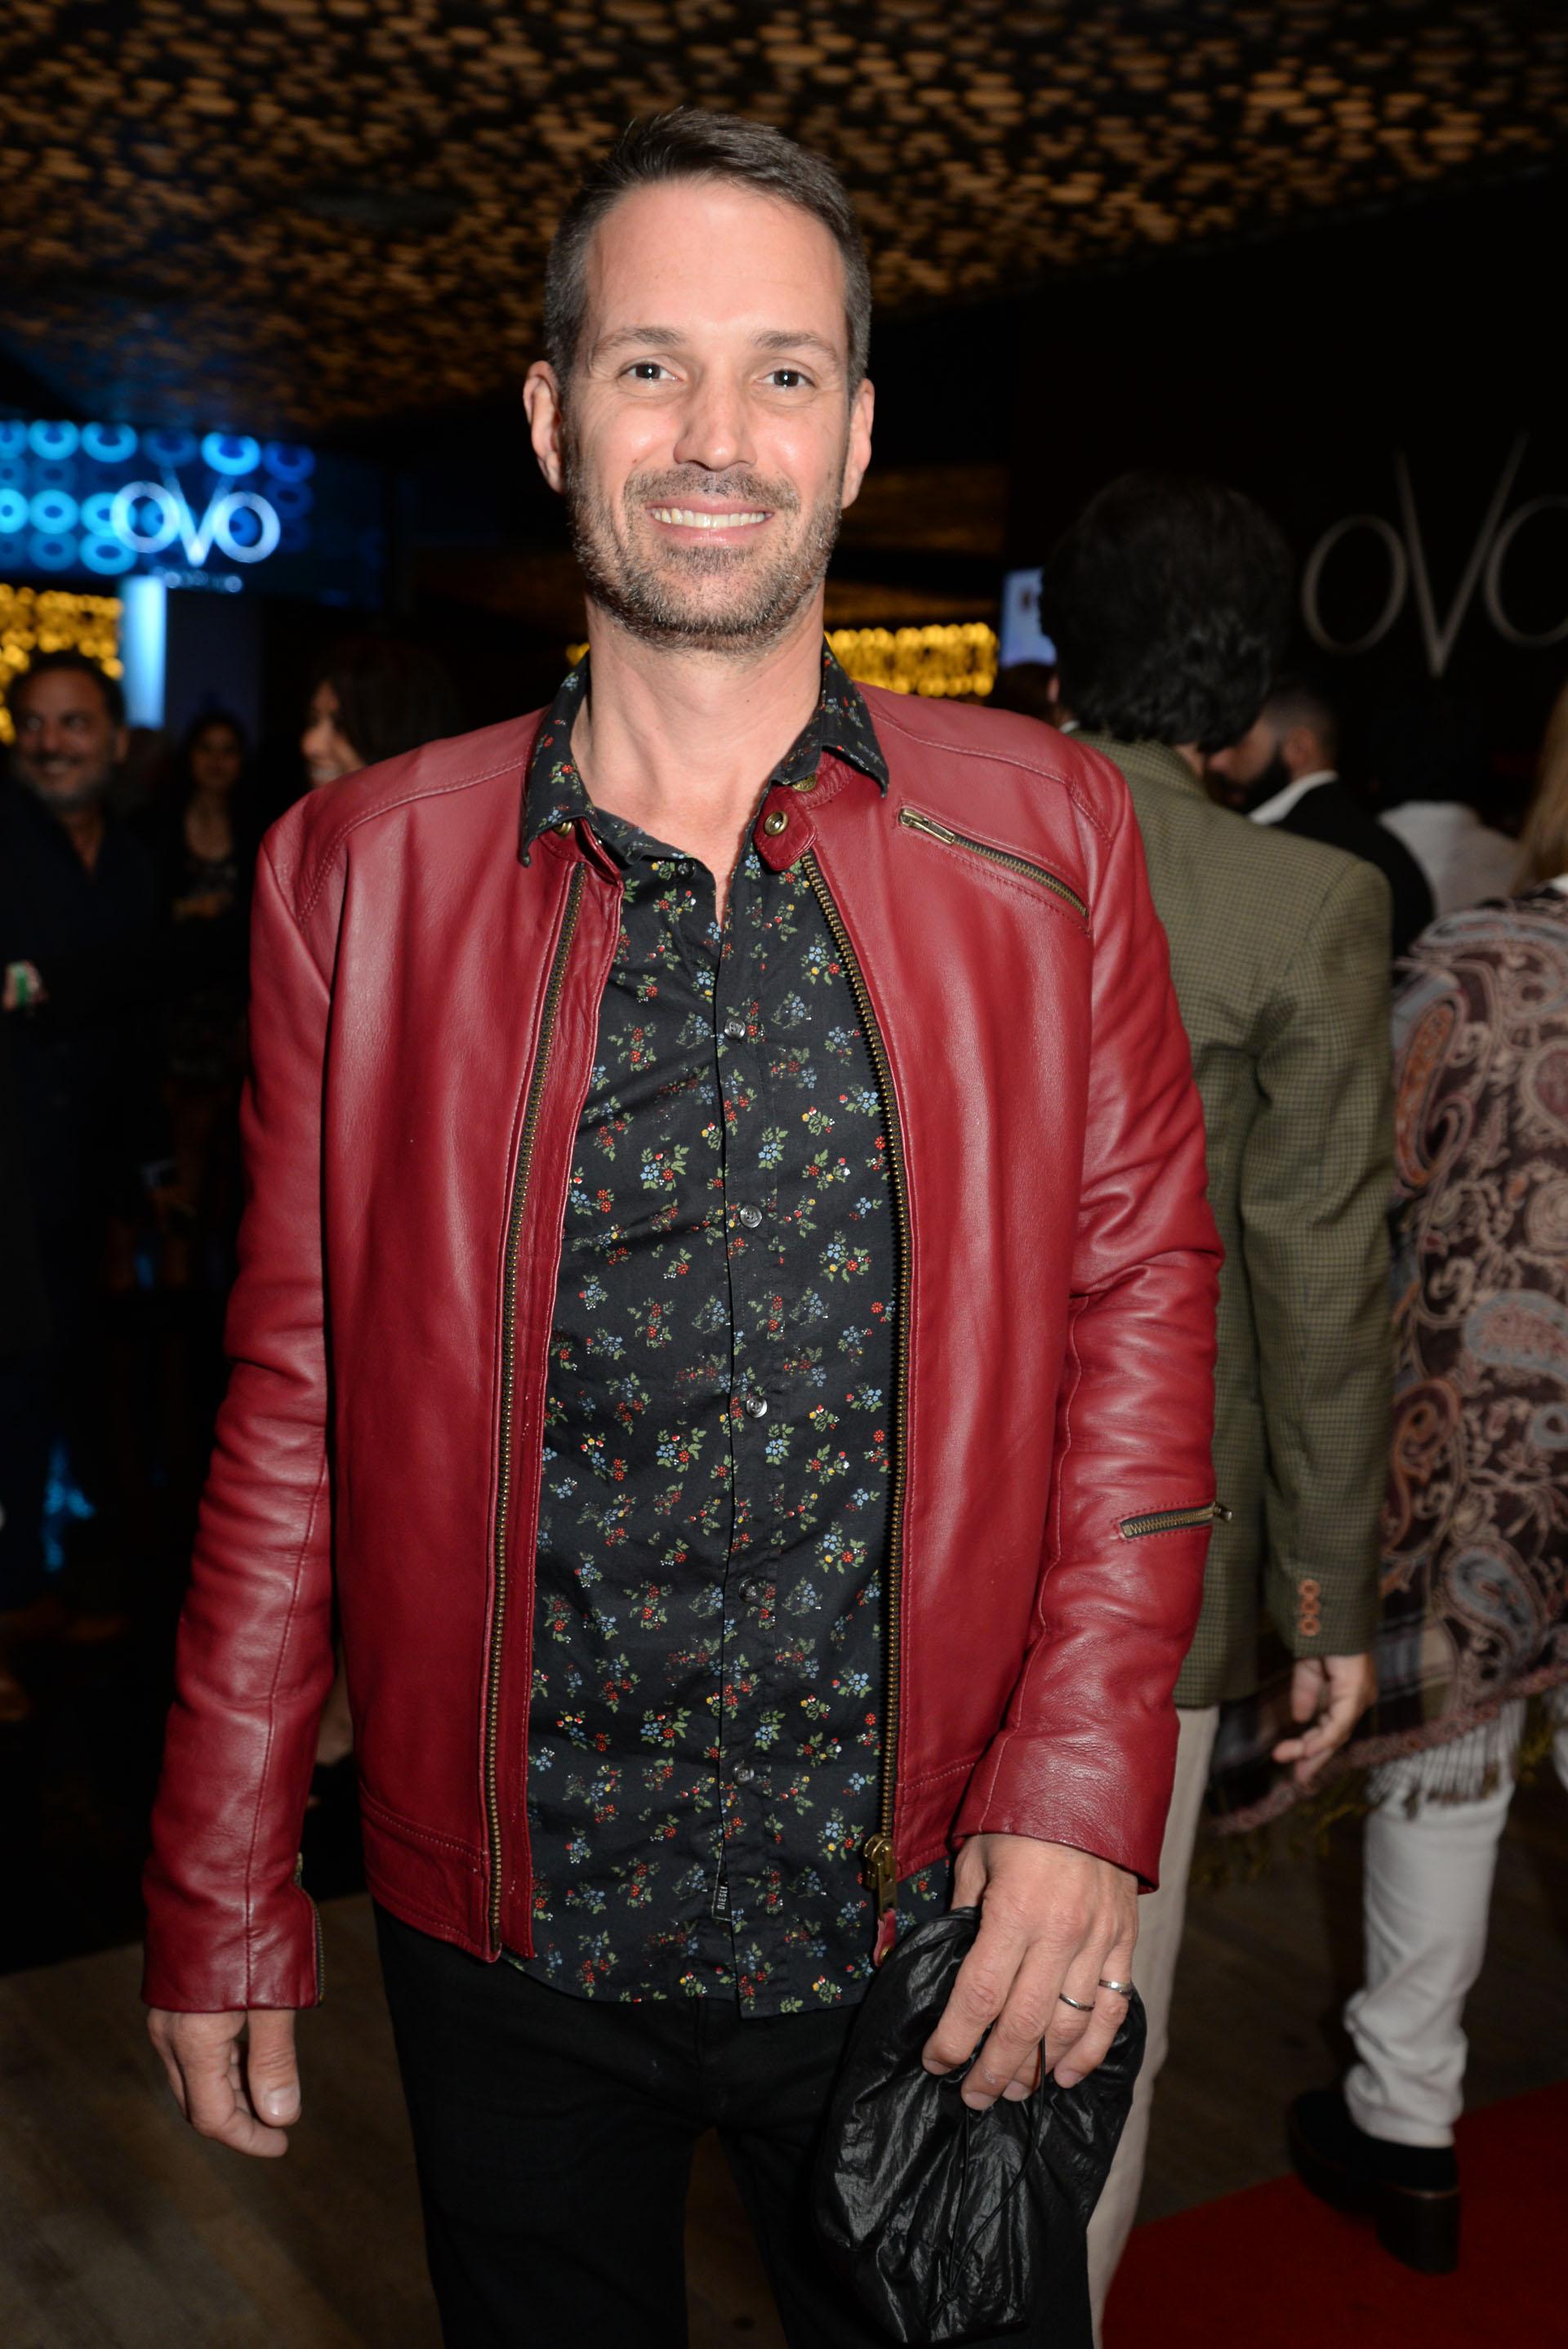 Ale Lacroix fue el DJ encargado del evento de lanzamiento de temporada de Enjoy Cornad